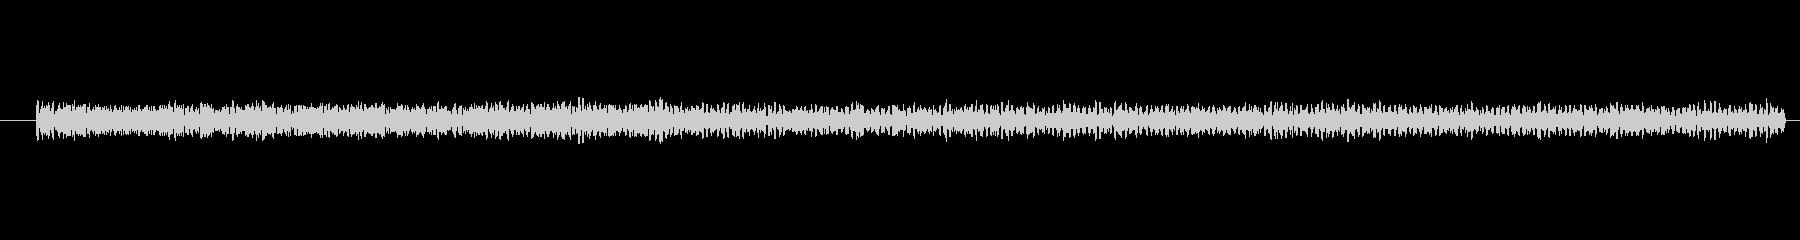 部屋 環境音 ジェネレーターノイズ01の未再生の波形